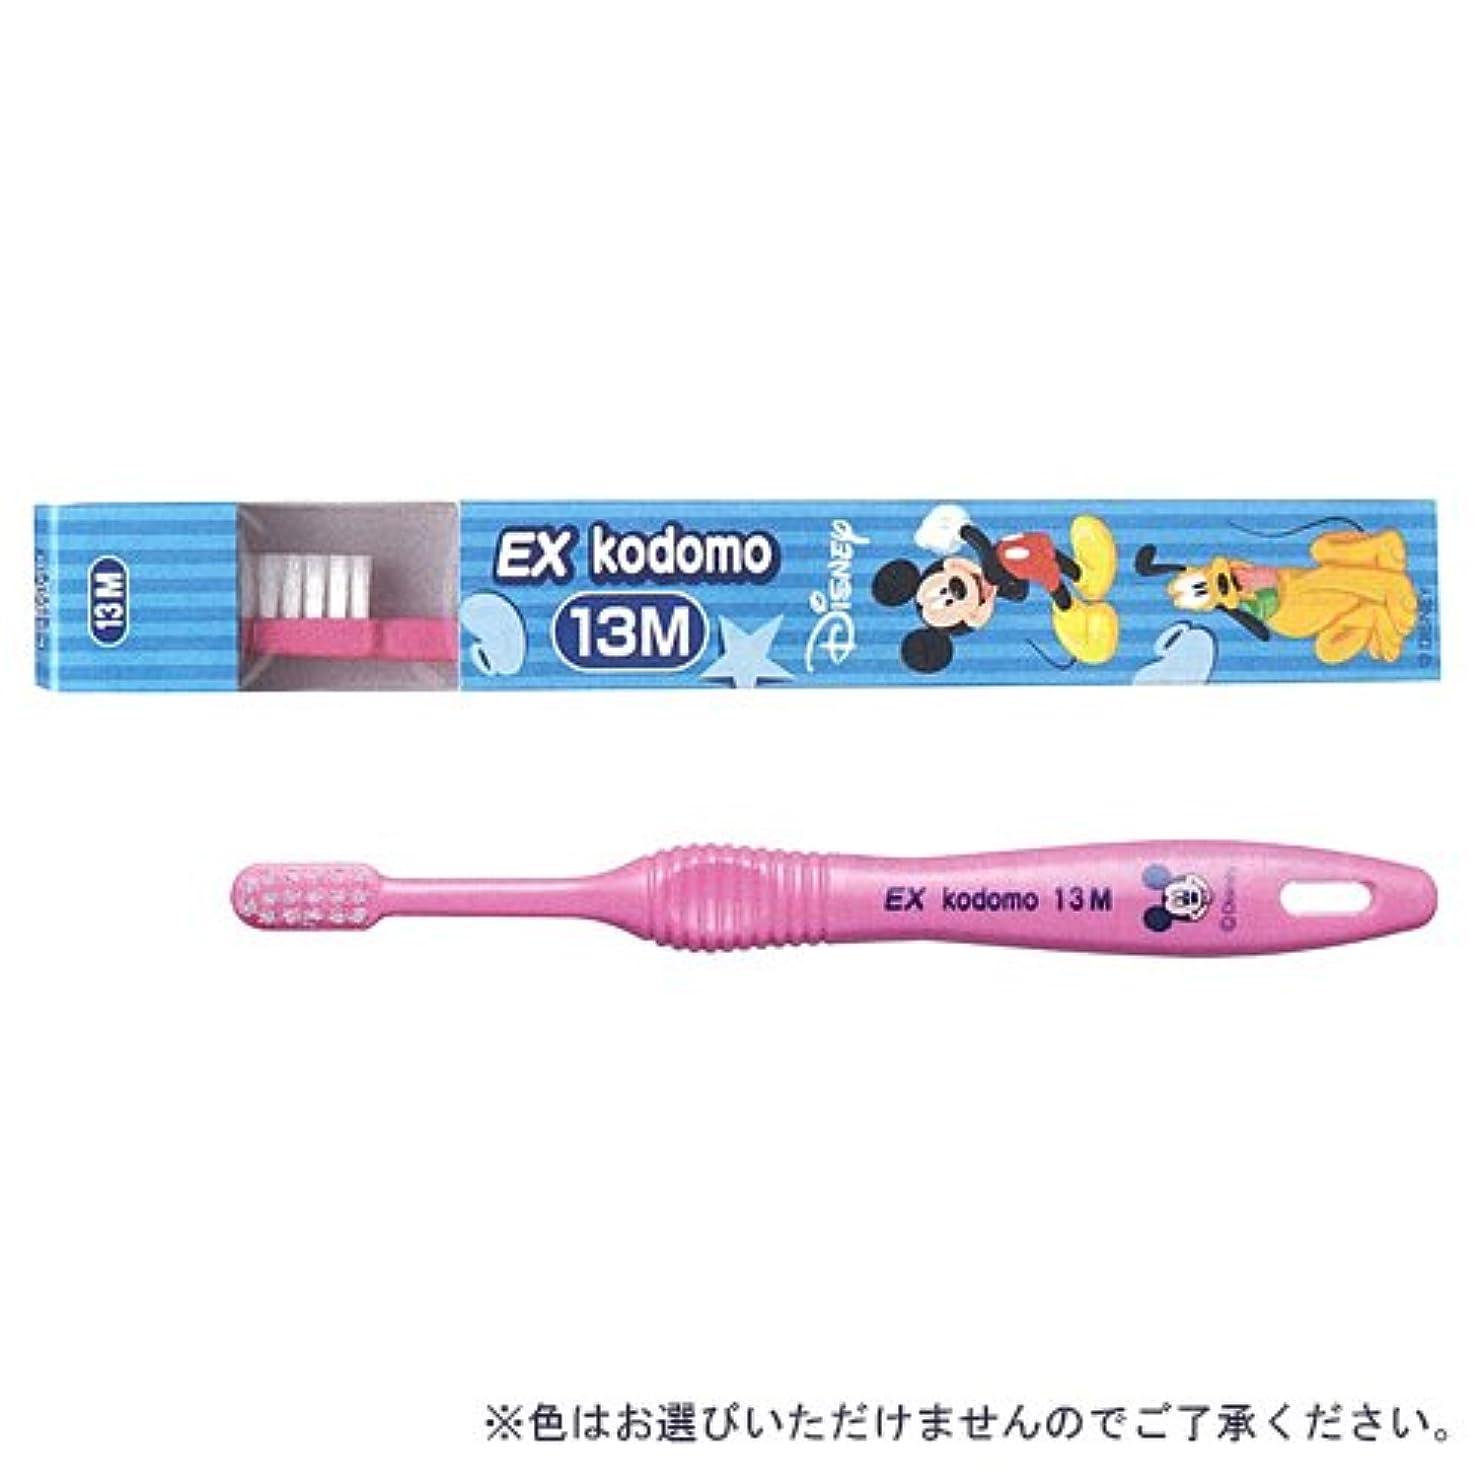 ライオン DENT.(デント) EXコドモディズニー 13M